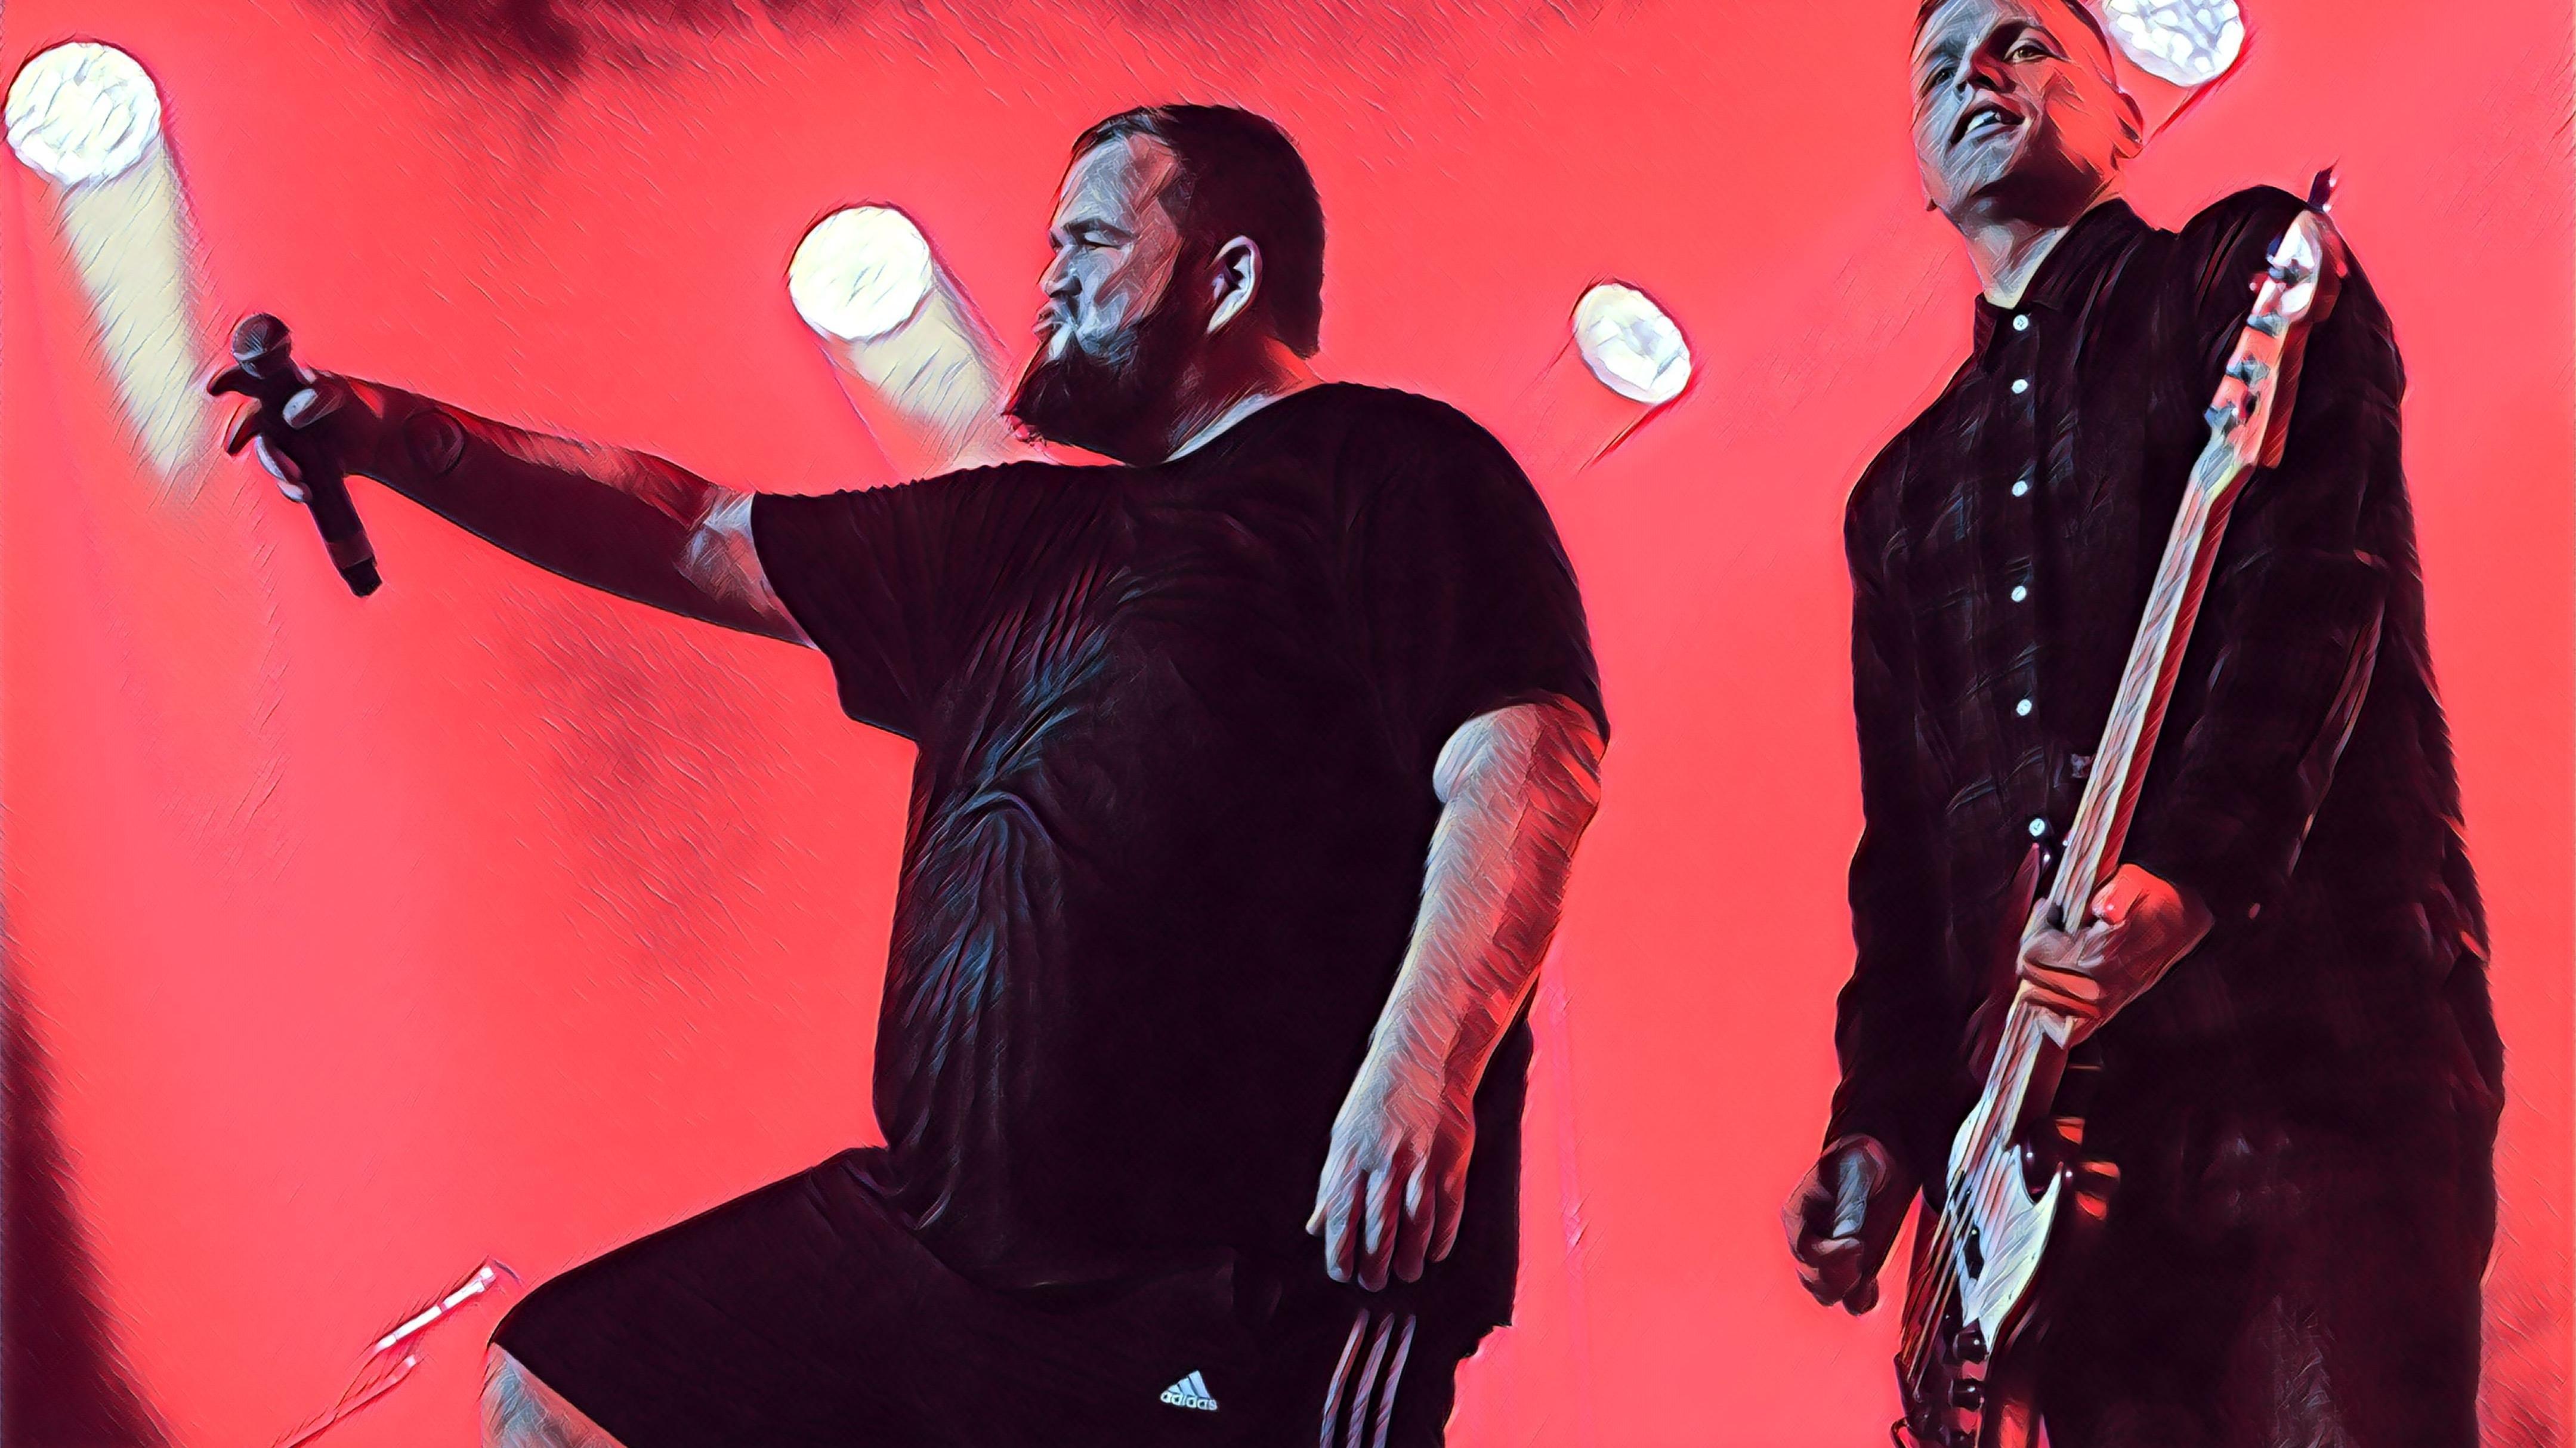 """Die Band Feine Sahne Fischfilet steht in der Alten Brauerei in Dessau auf der Bühne: Links Frontmann Jan """"Monchi"""" Gorkow, rechts deneben Bassist Kai Irrgang."""